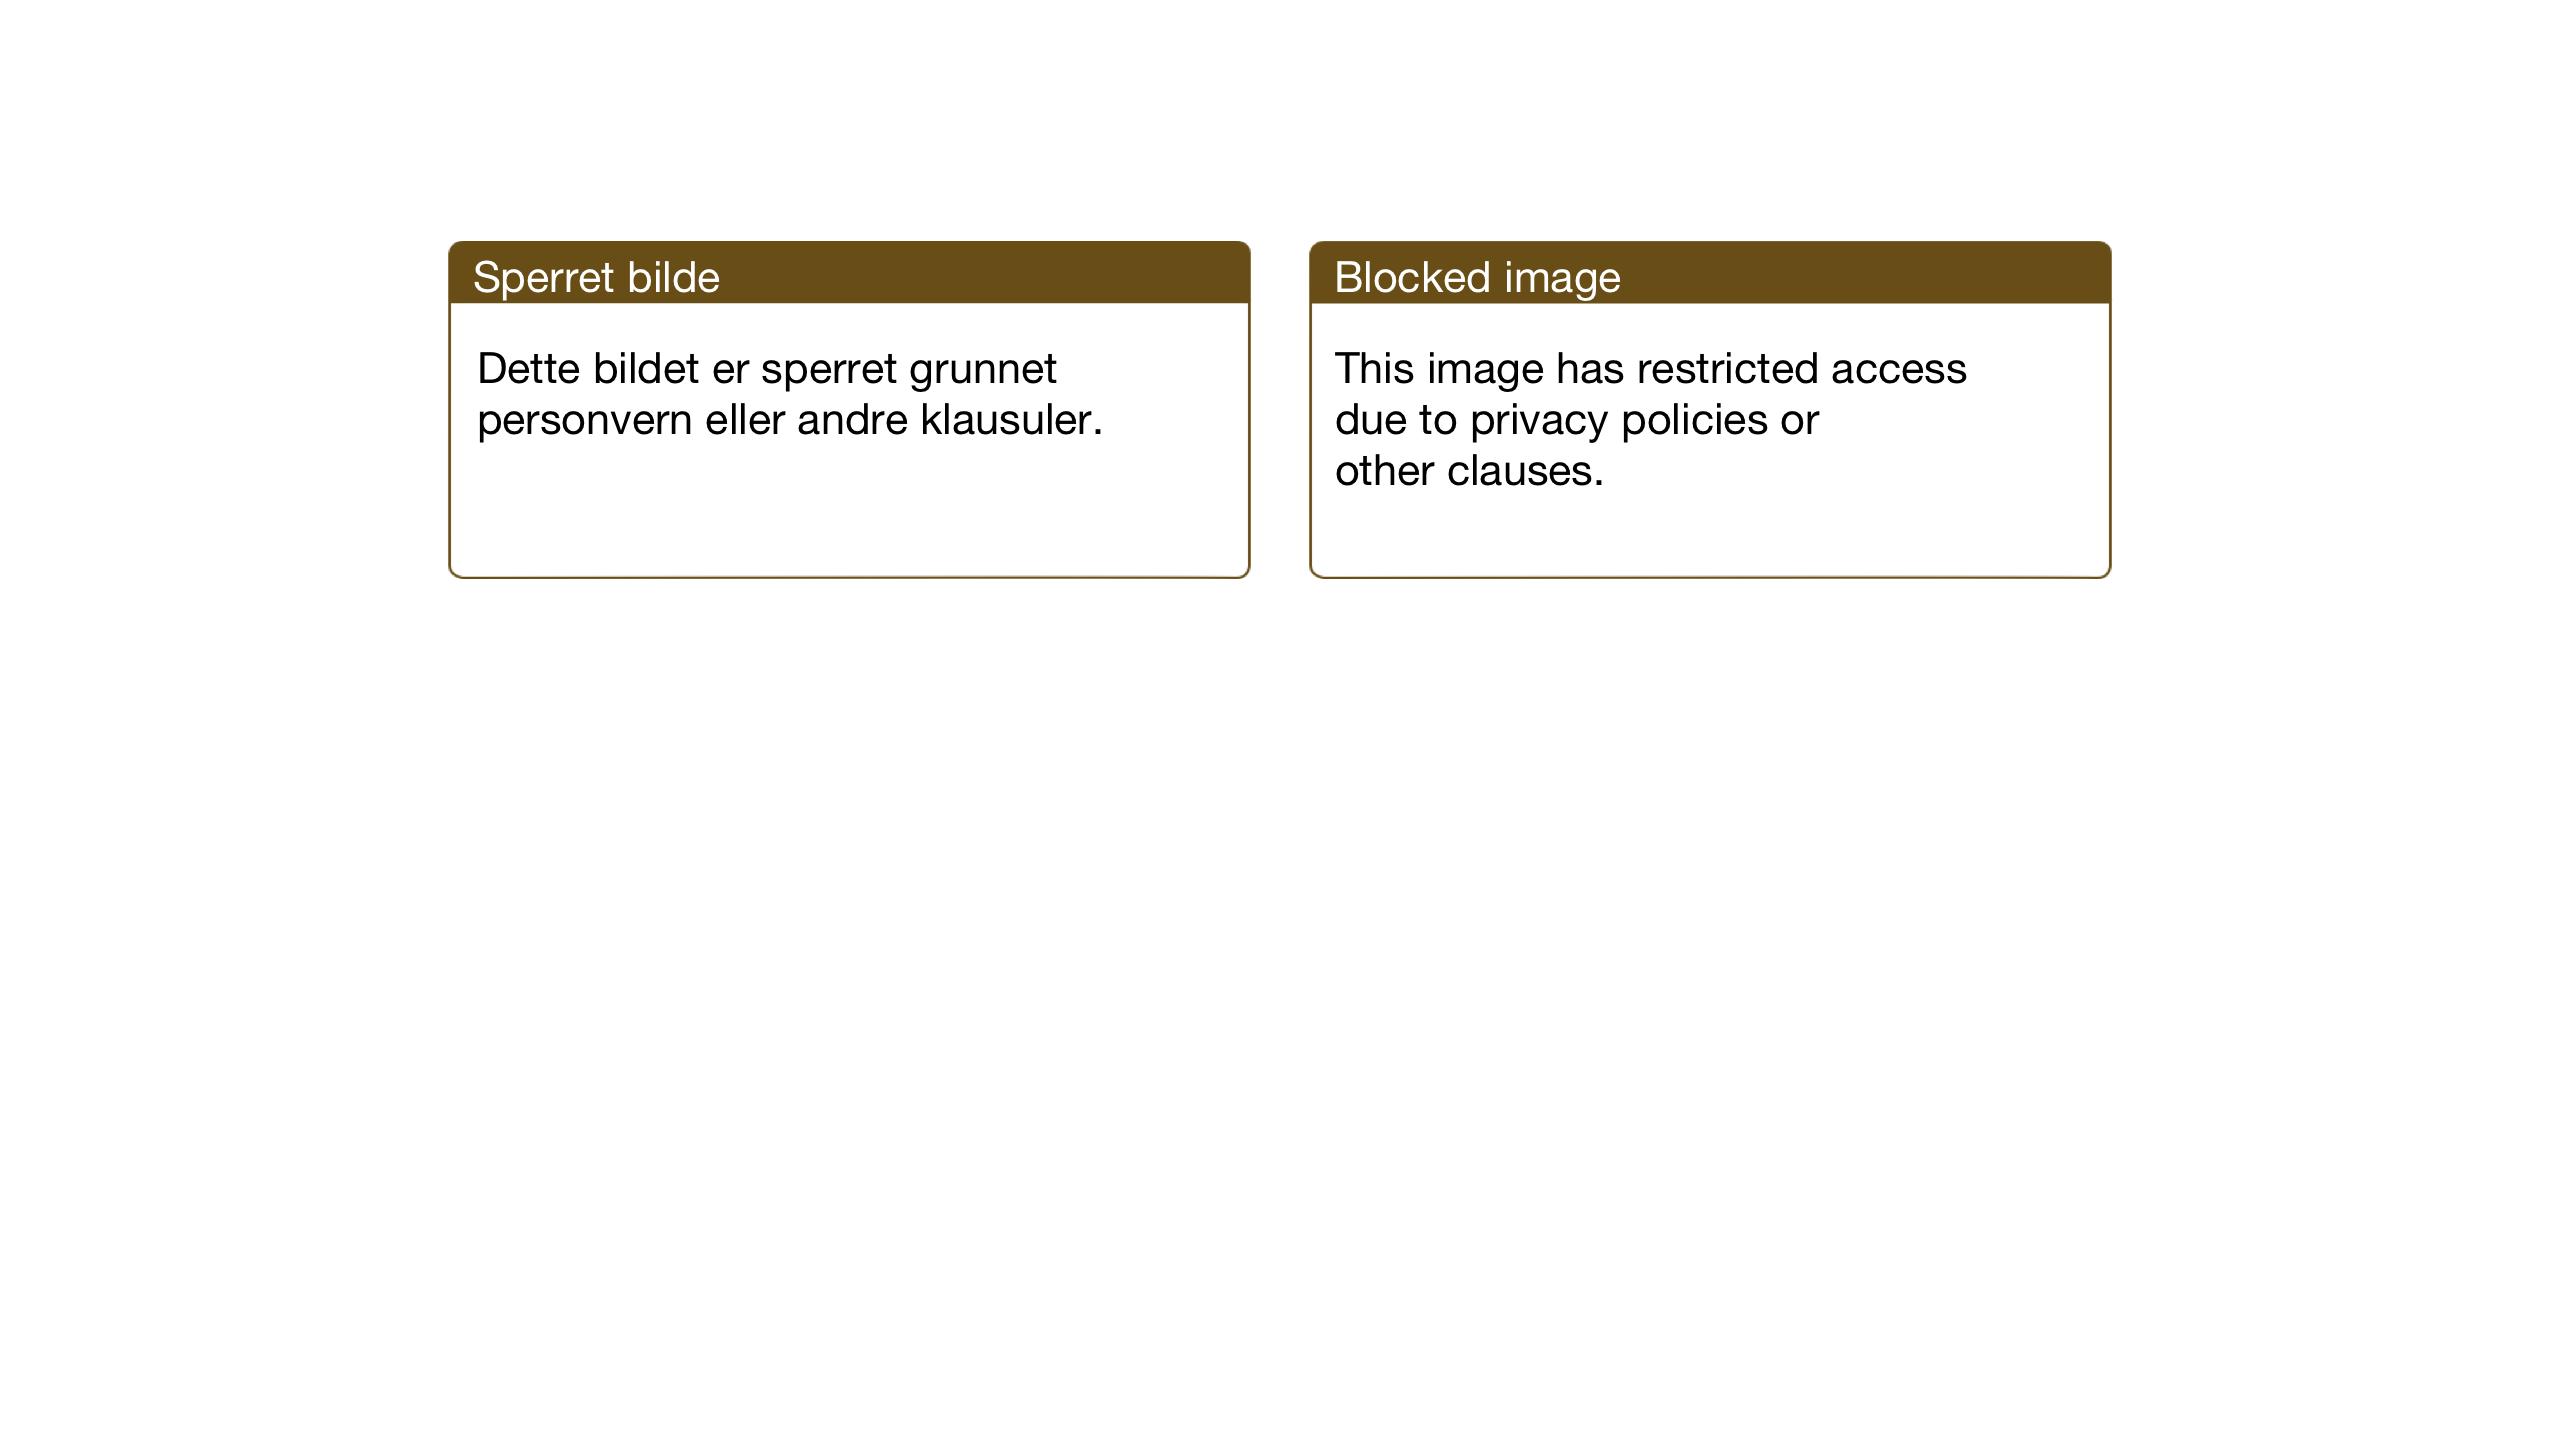 SAT, Ministerialprotokoller, klokkerbøker og fødselsregistre - Nord-Trøndelag, 732/L0319: Klokkerbok nr. 732C03, 1911-1945, s. 30